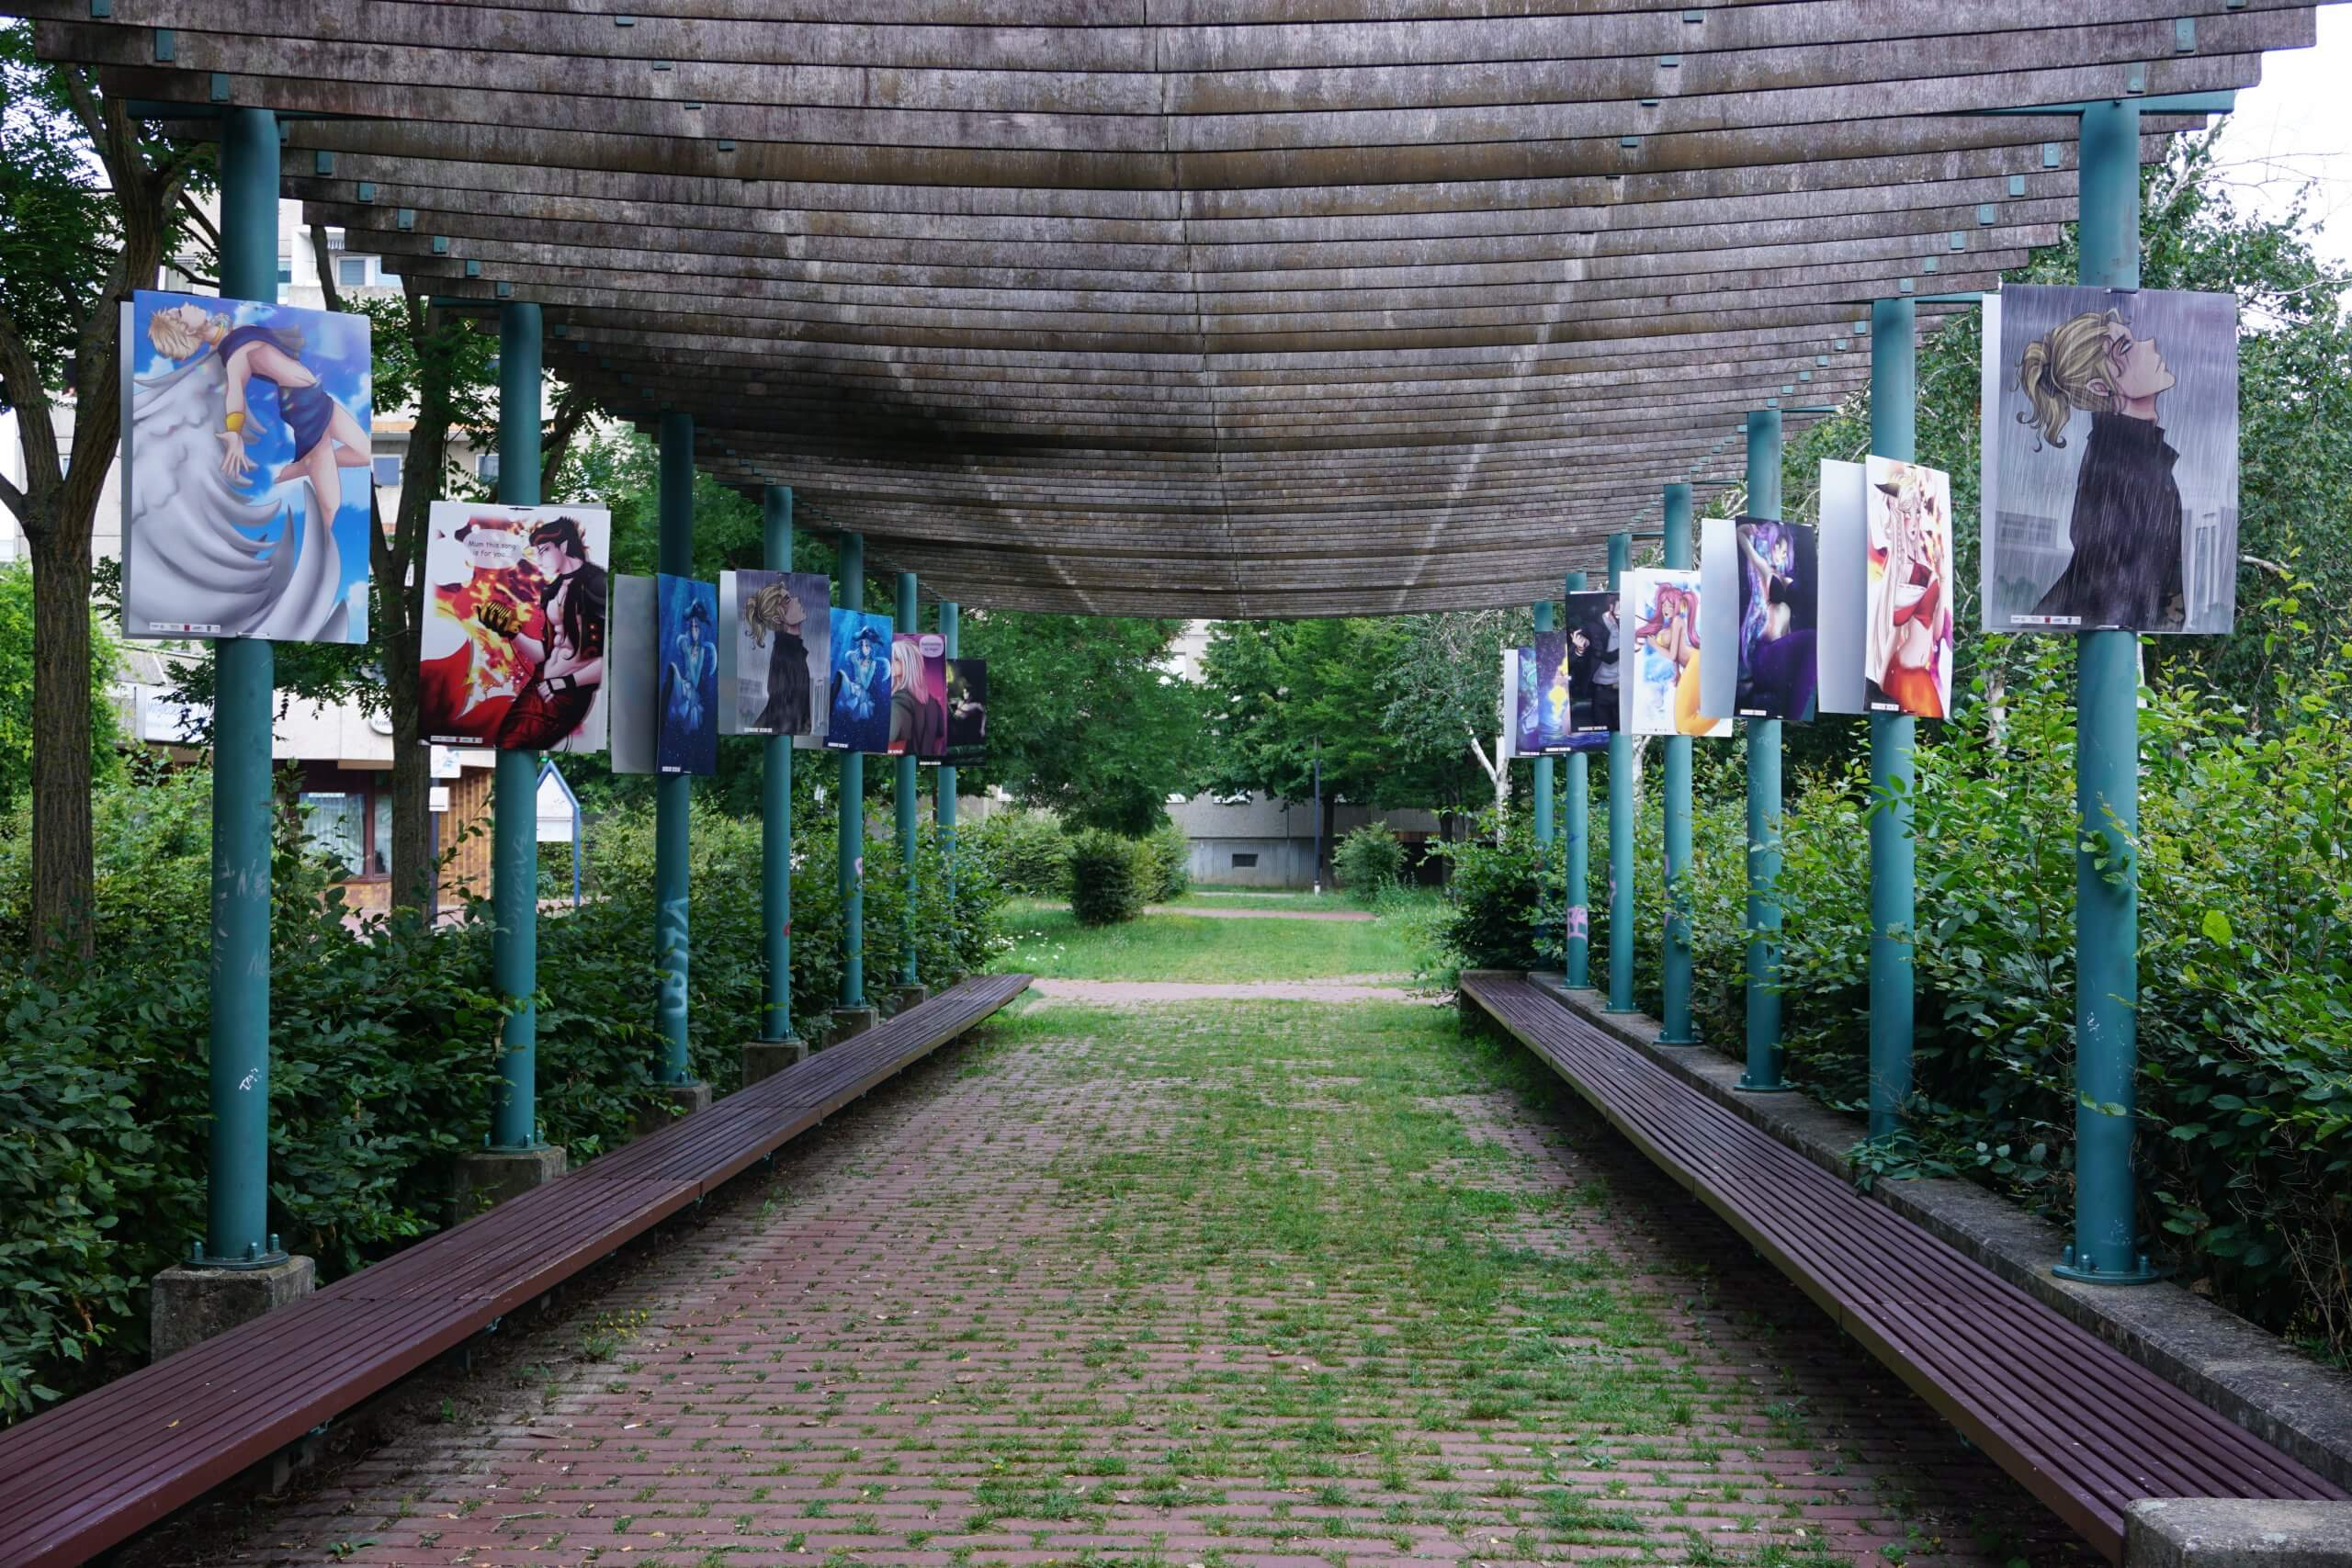 Das Bild zeigt die Pergola im Kosmosviertel, an deren Pfeilern zweiseitig jeweils zwei Replikate der Mangas im Großformat angebracht wurden.